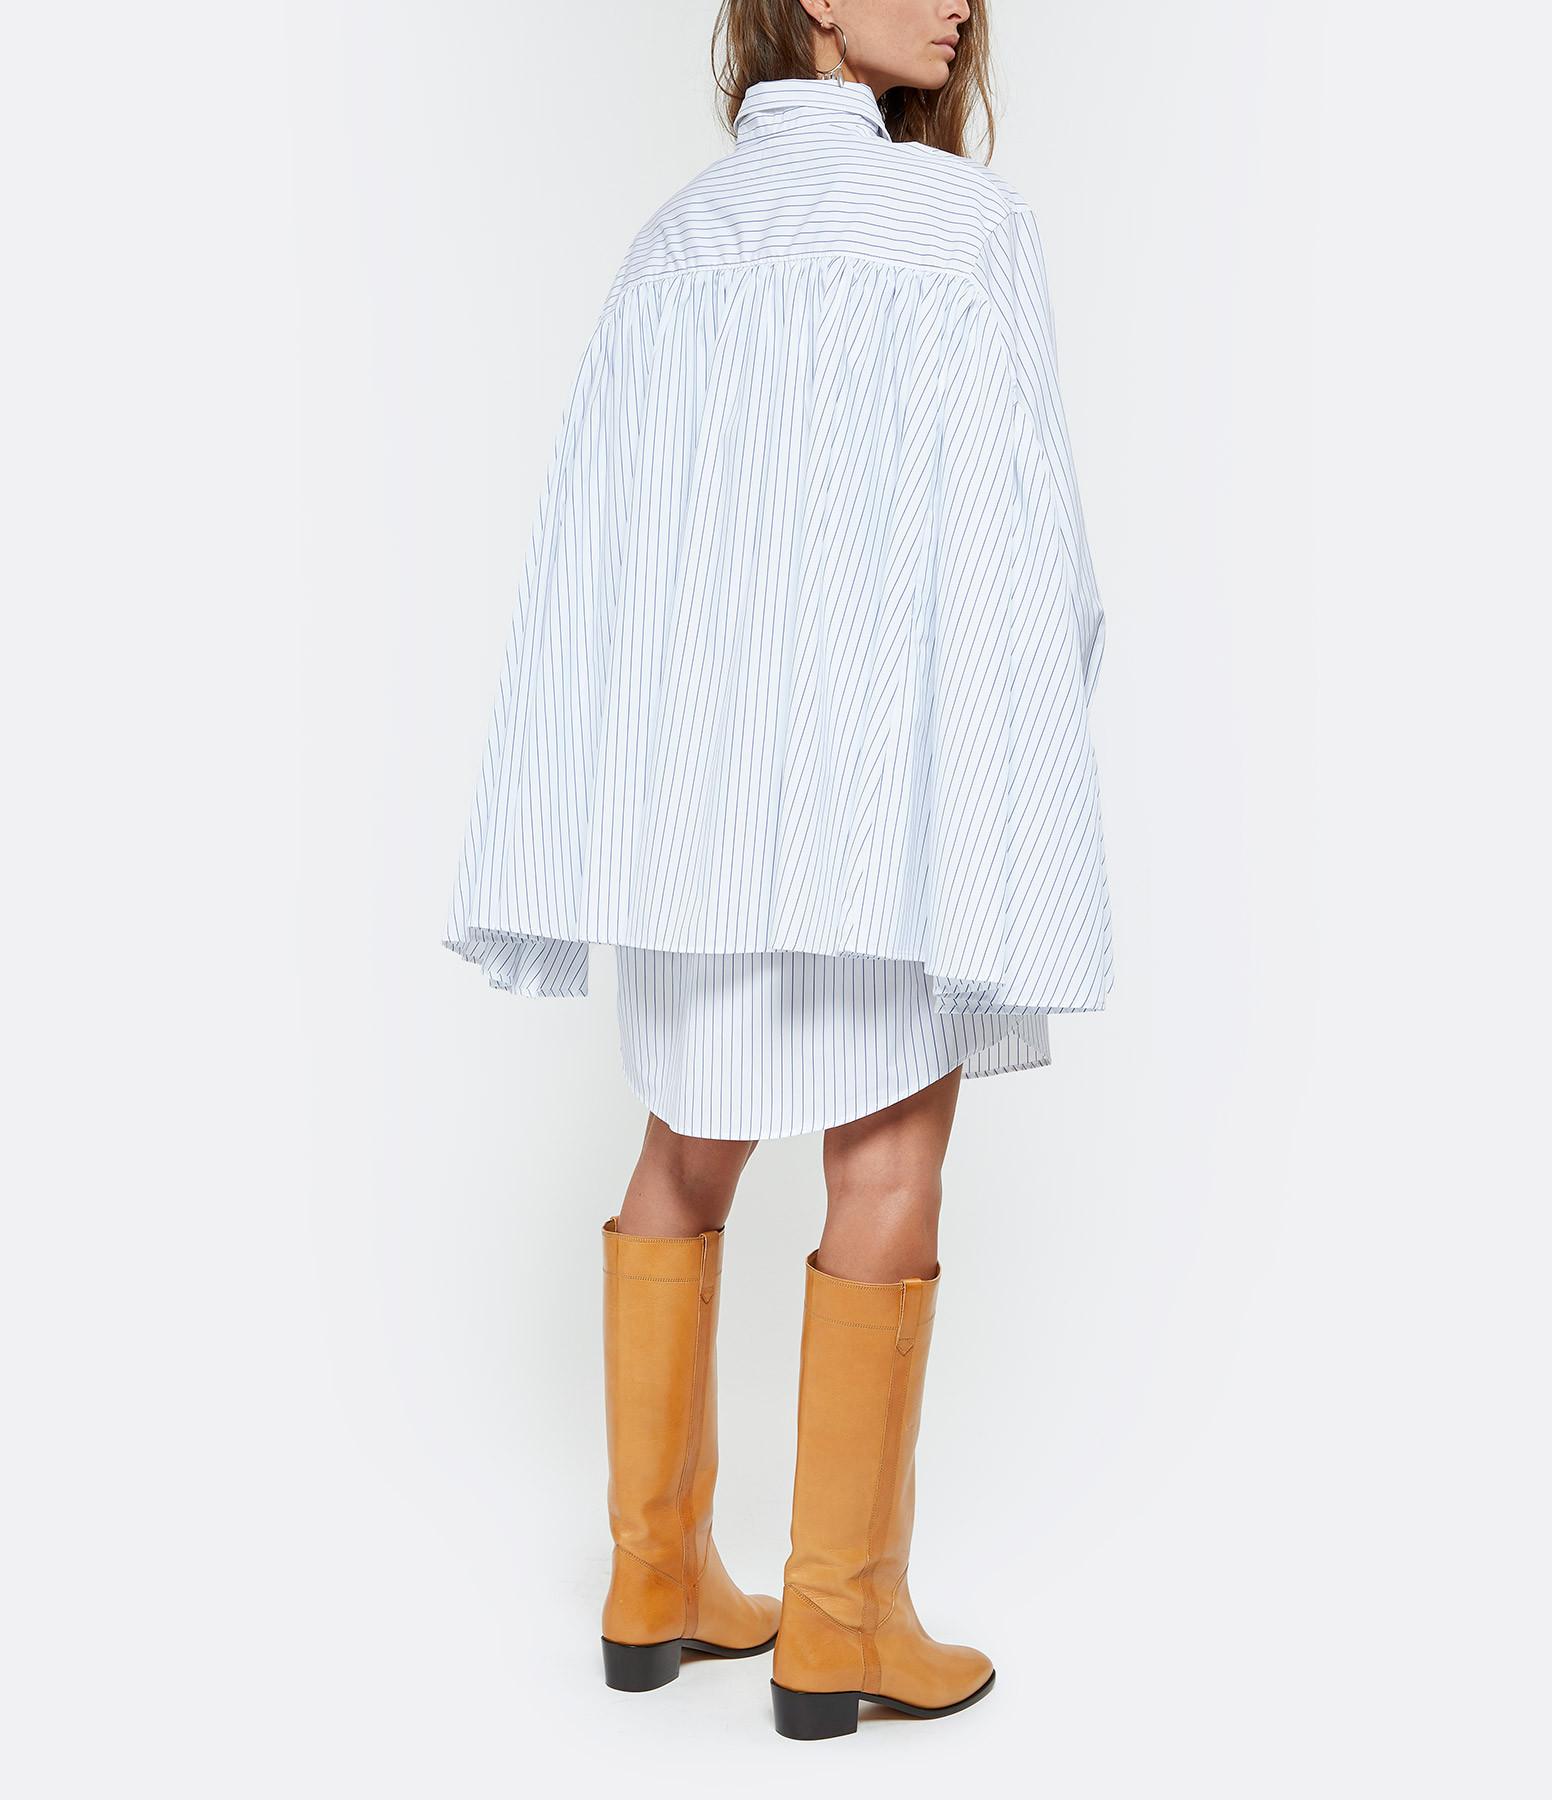 MM6 MAISON MARGIELA - Robe Chemise Oversize Rayures Blanc